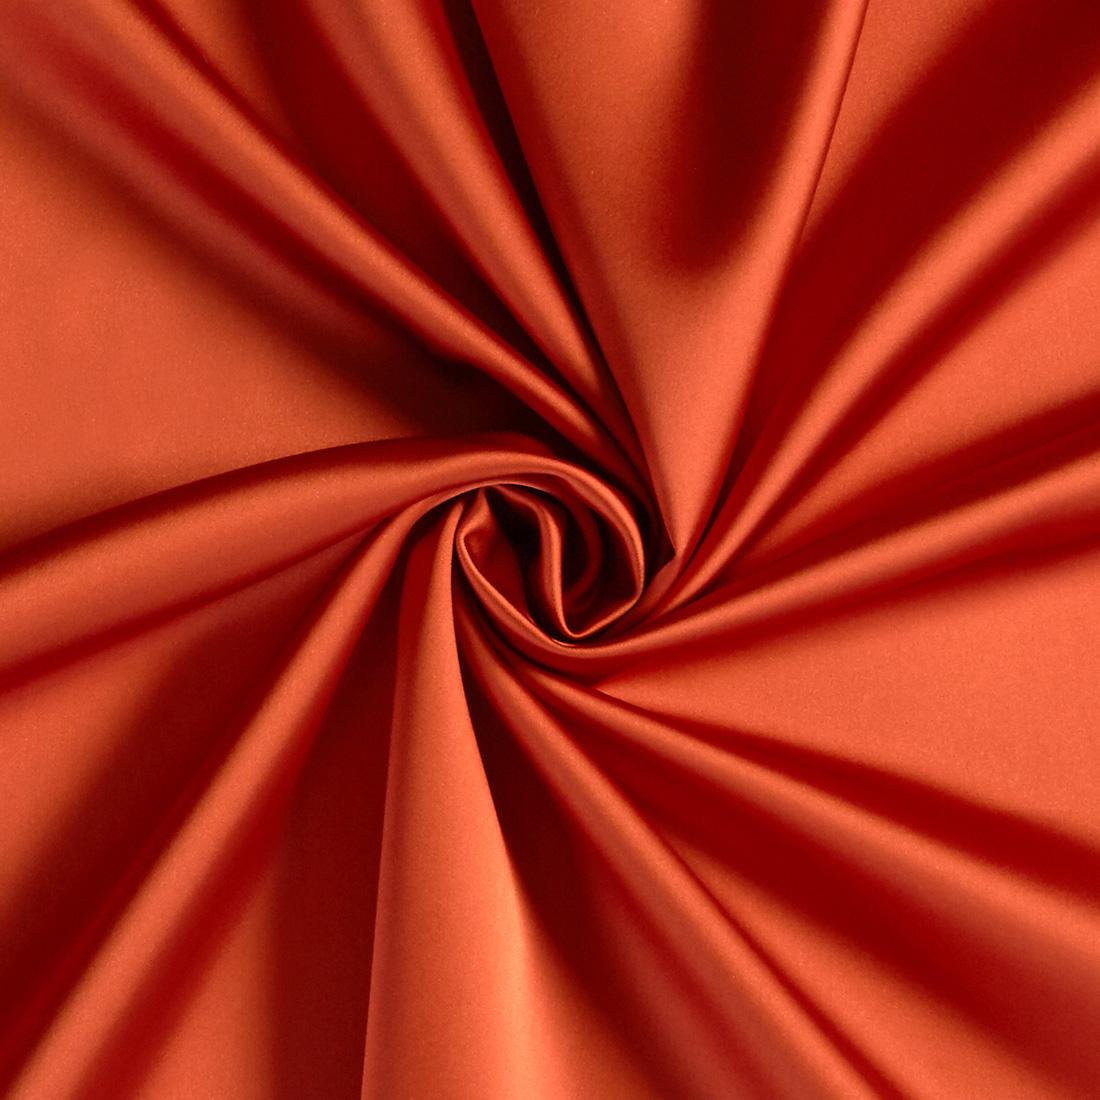 Stretch Duchess Satin Burnt Orange